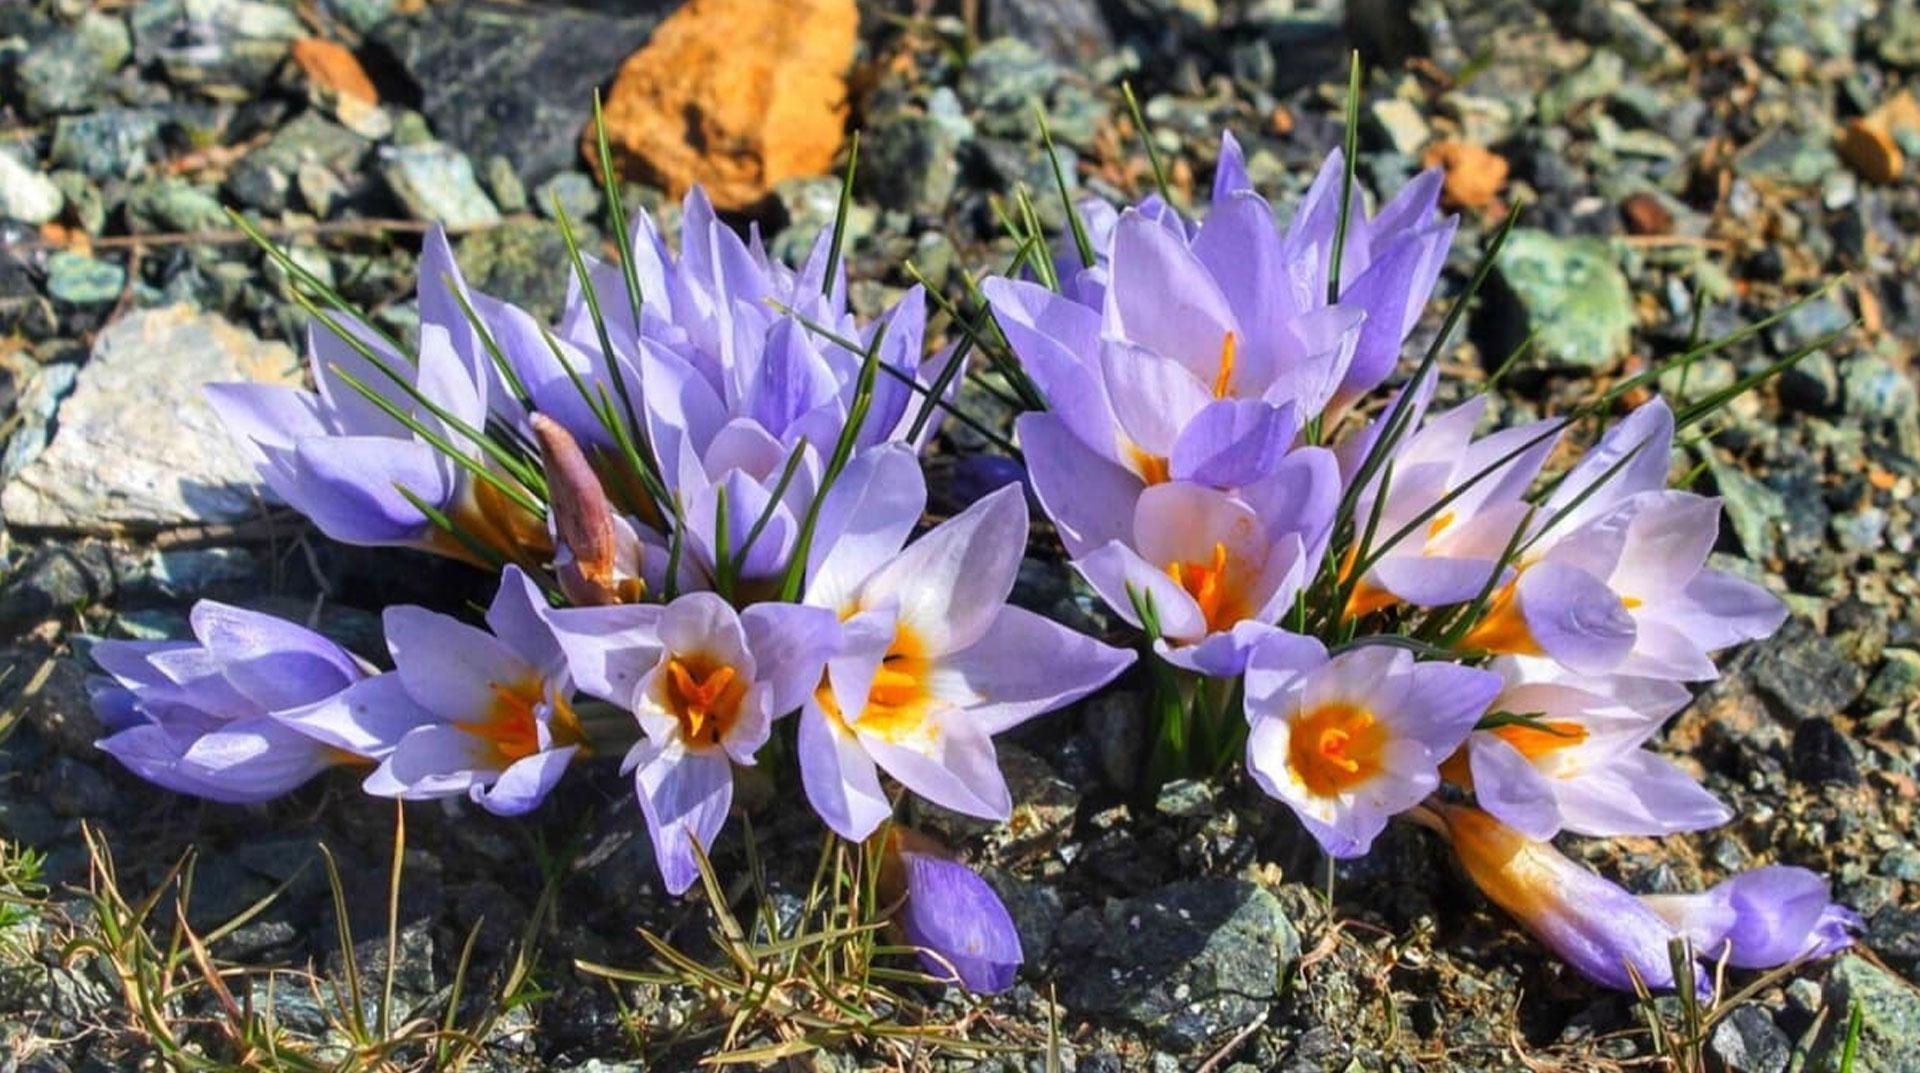 Kocaeli'de Endemik Bitki Türü Keşfedildi